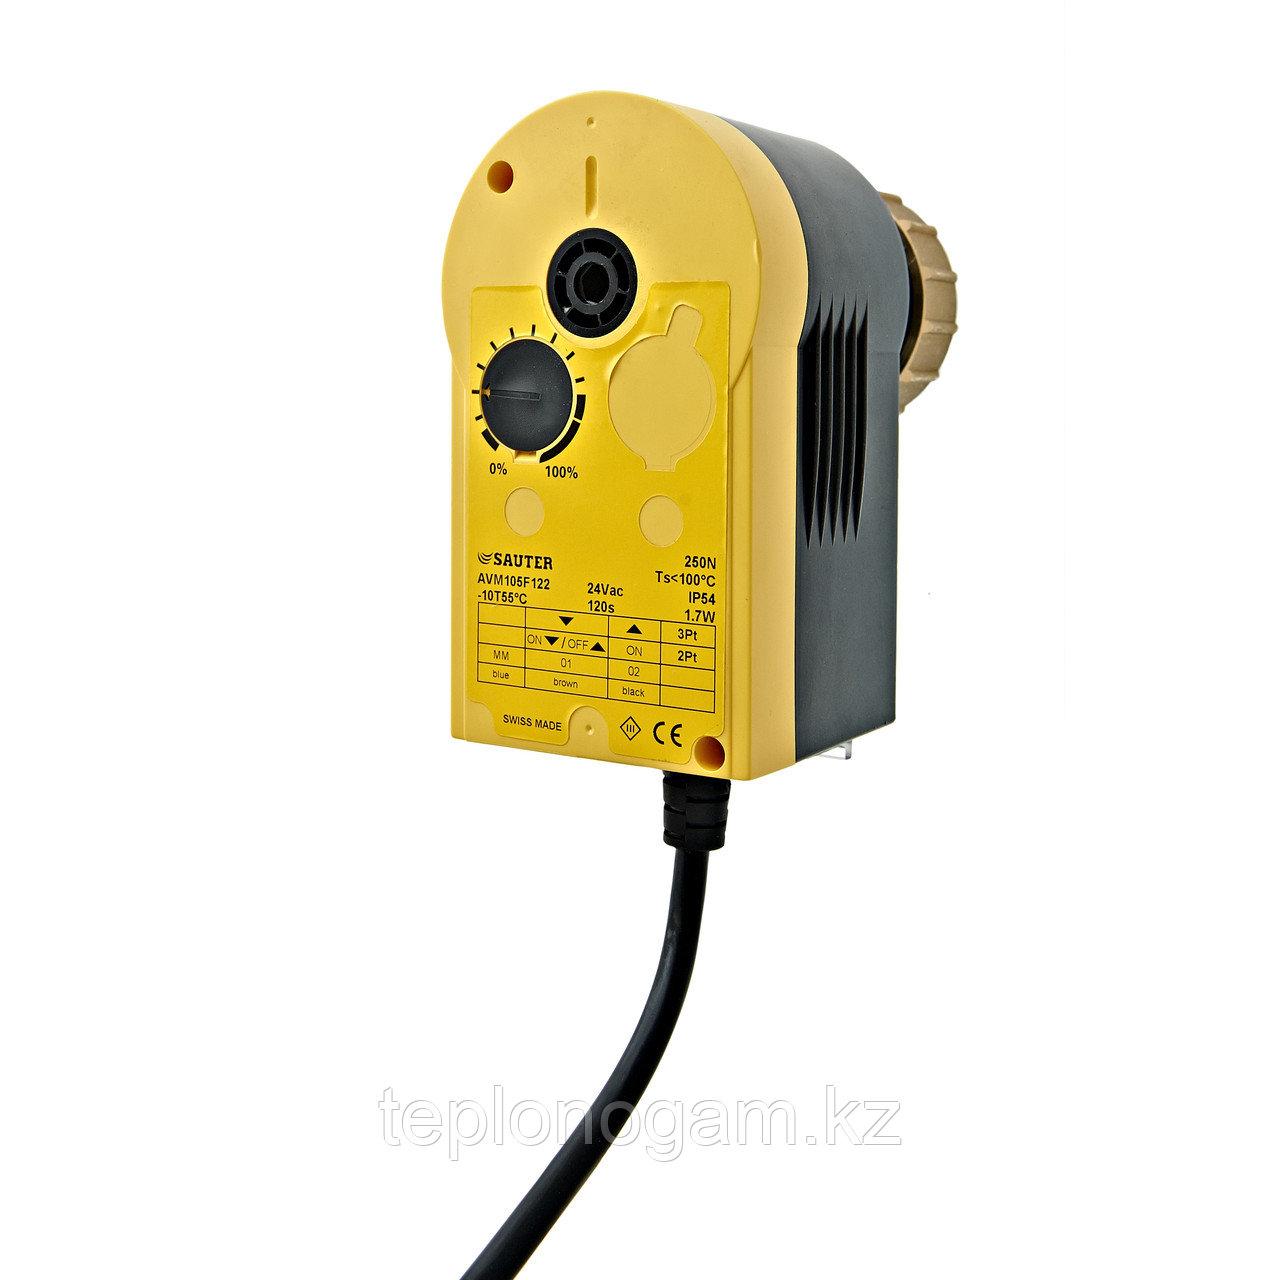 Электропривод 3-х позиционный Sauter AVM105F122, 24 В